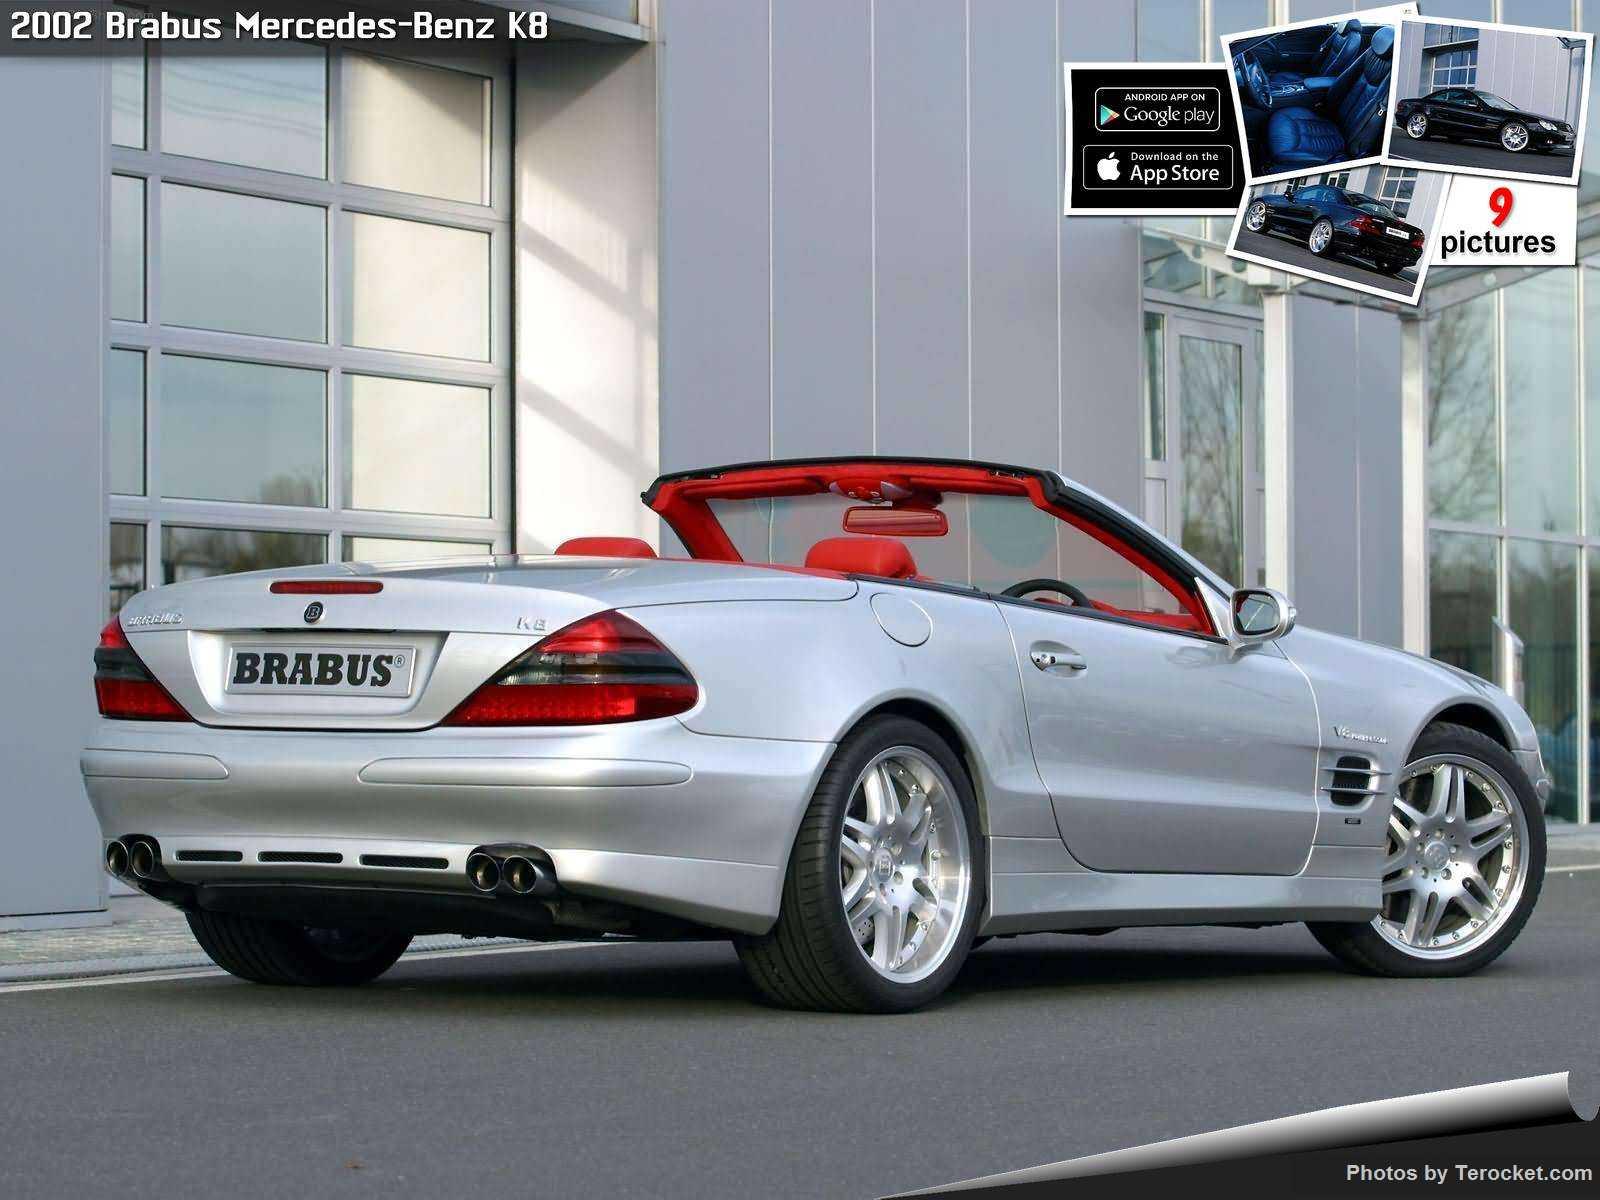 Hình ảnh xe ô tô Brabus Mercedes-Benz K8 2002 & nội ngoại thất